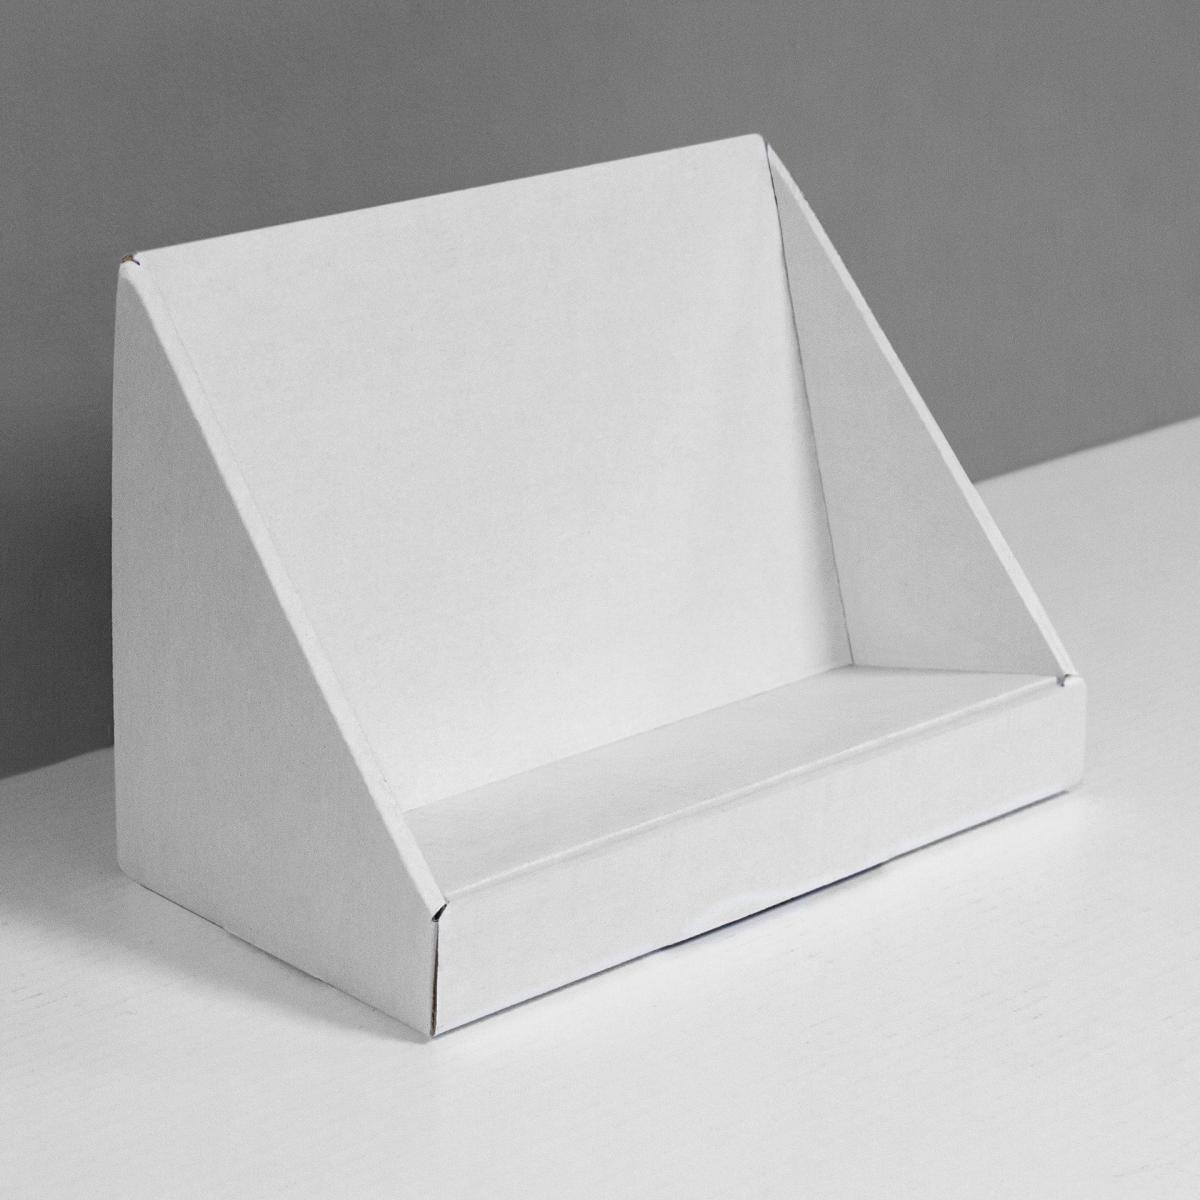 Présentoir de comptoir en carton en angle avec produits surélevés - blanc